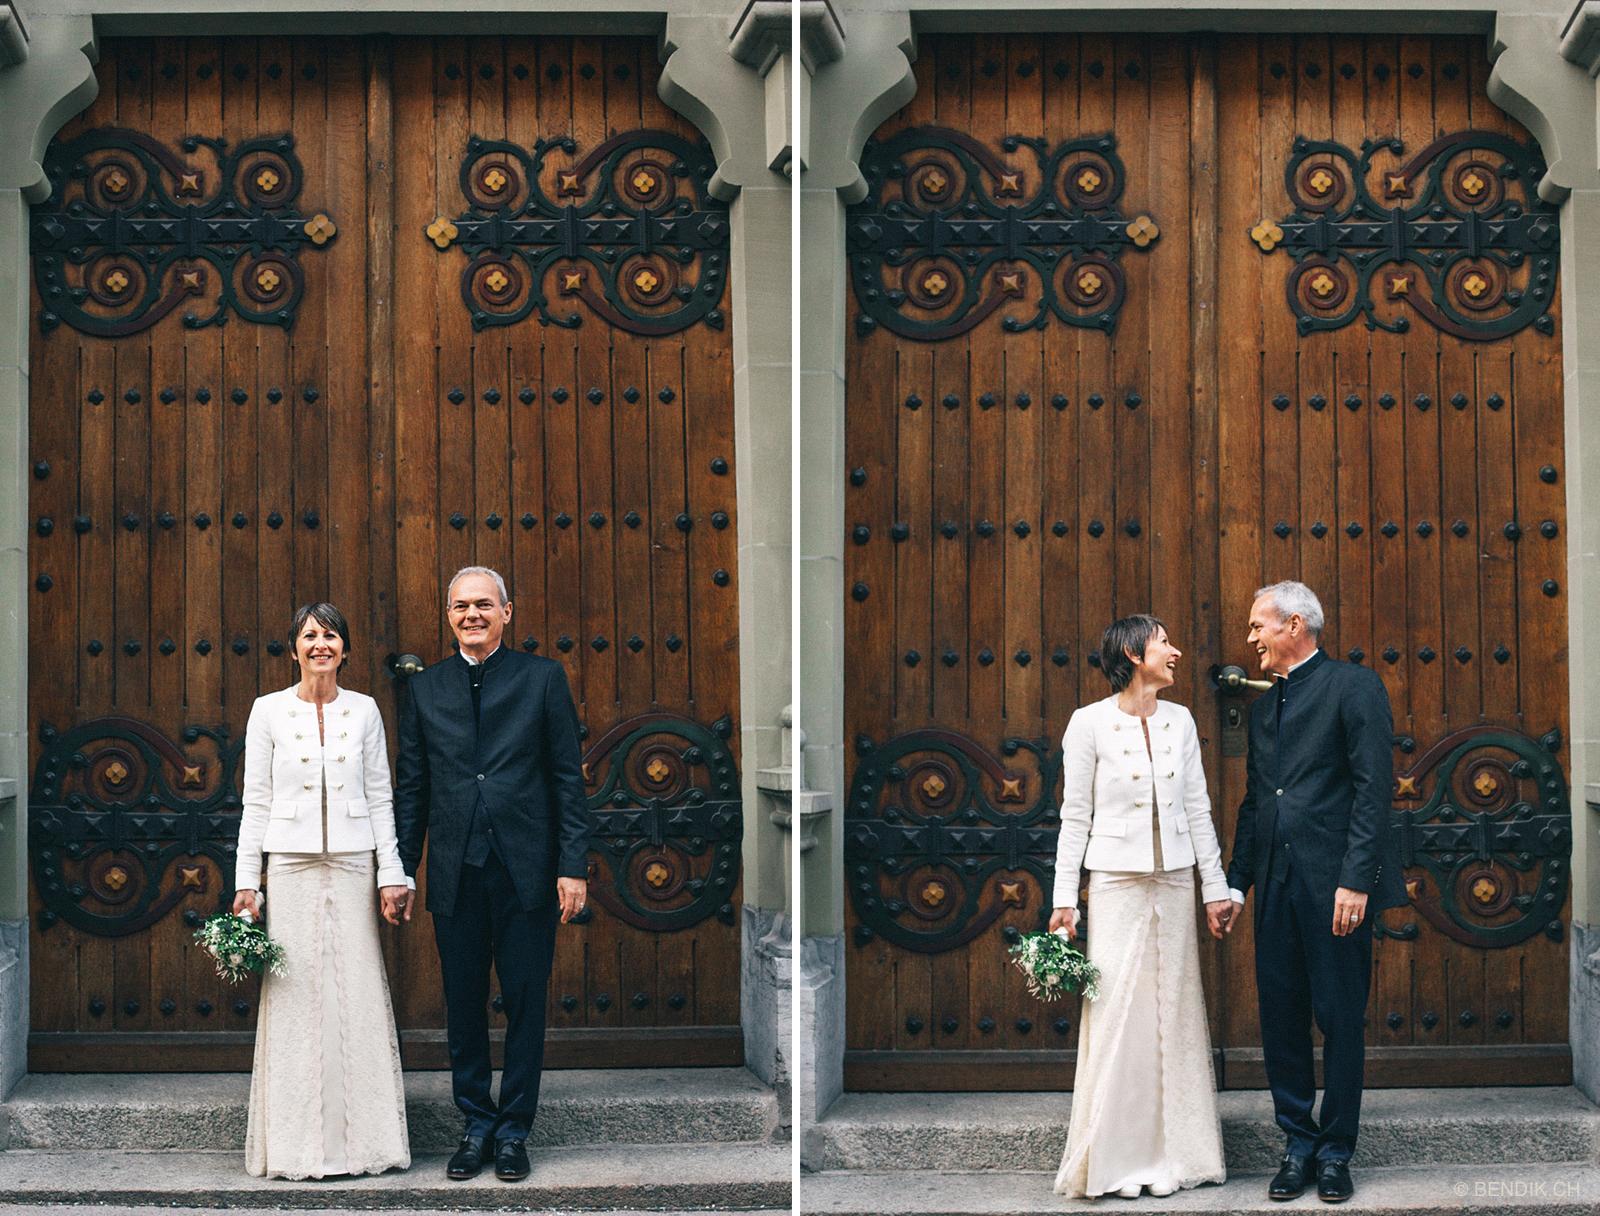 Brautpaar sieht lachend in die Kamera vor grossem, hölzernen Tor